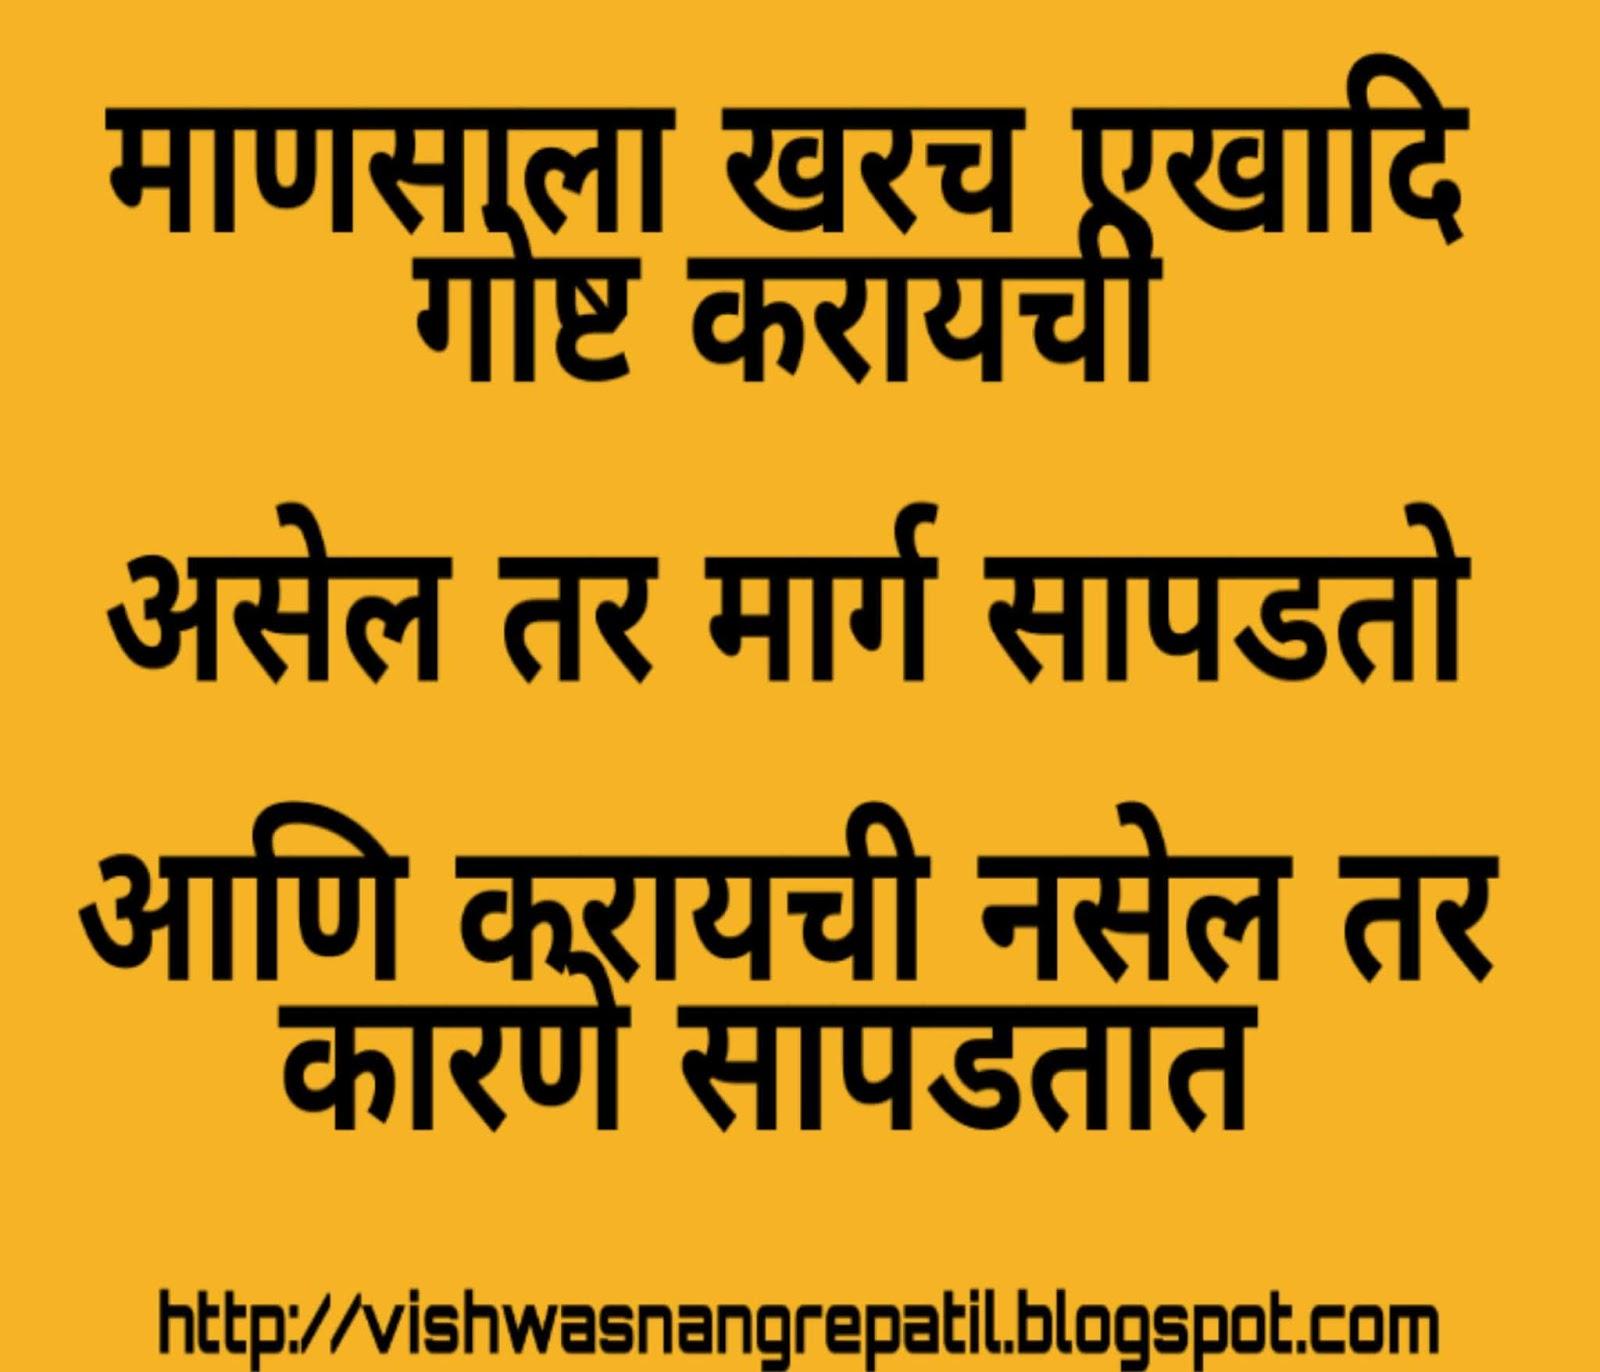 marathi motivational quotes image